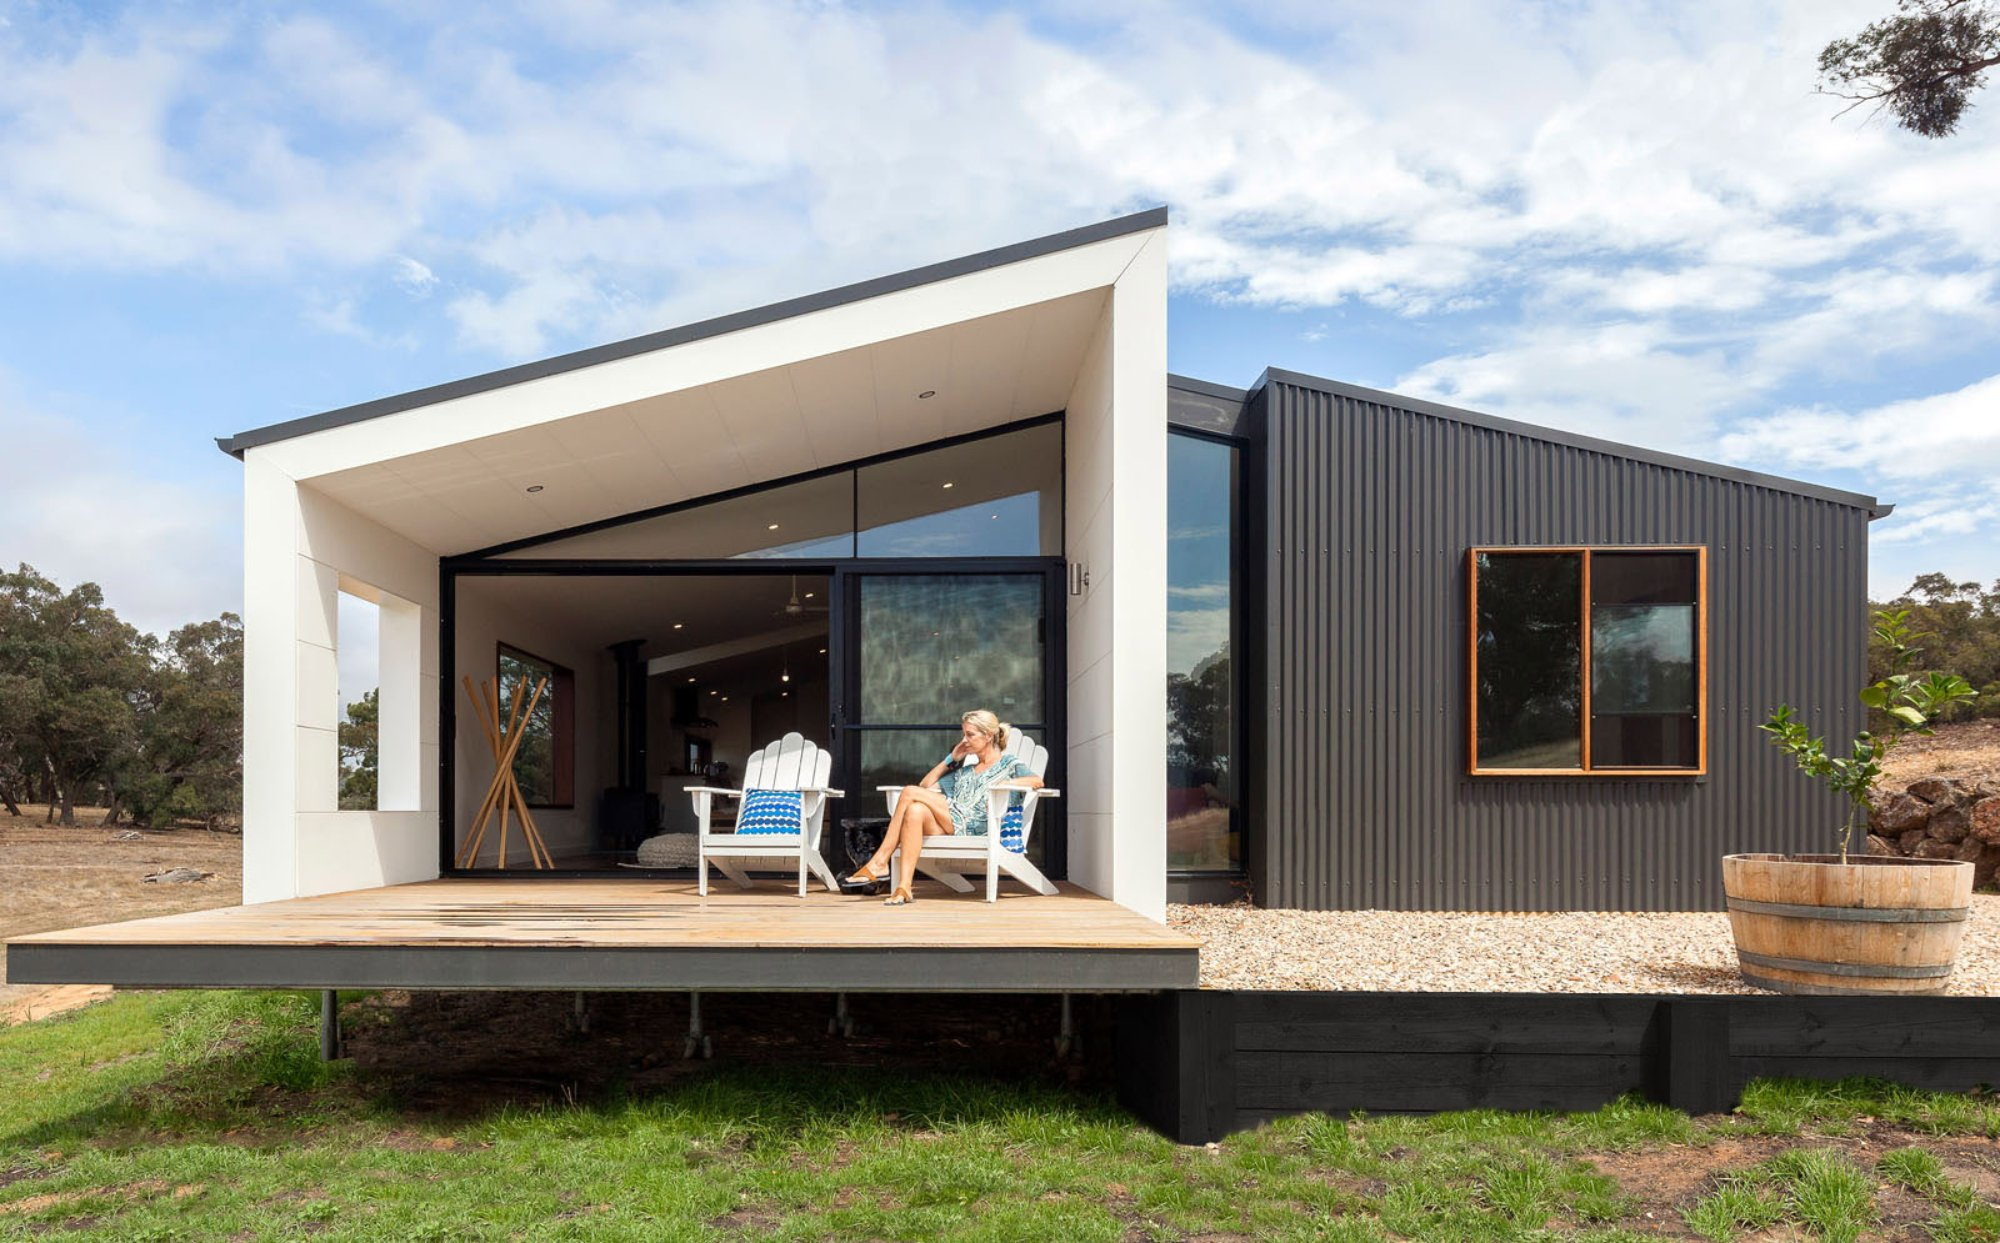 Casas modulares baratas casas prefabricadas modulate - Casas prefabricadas calidad ...